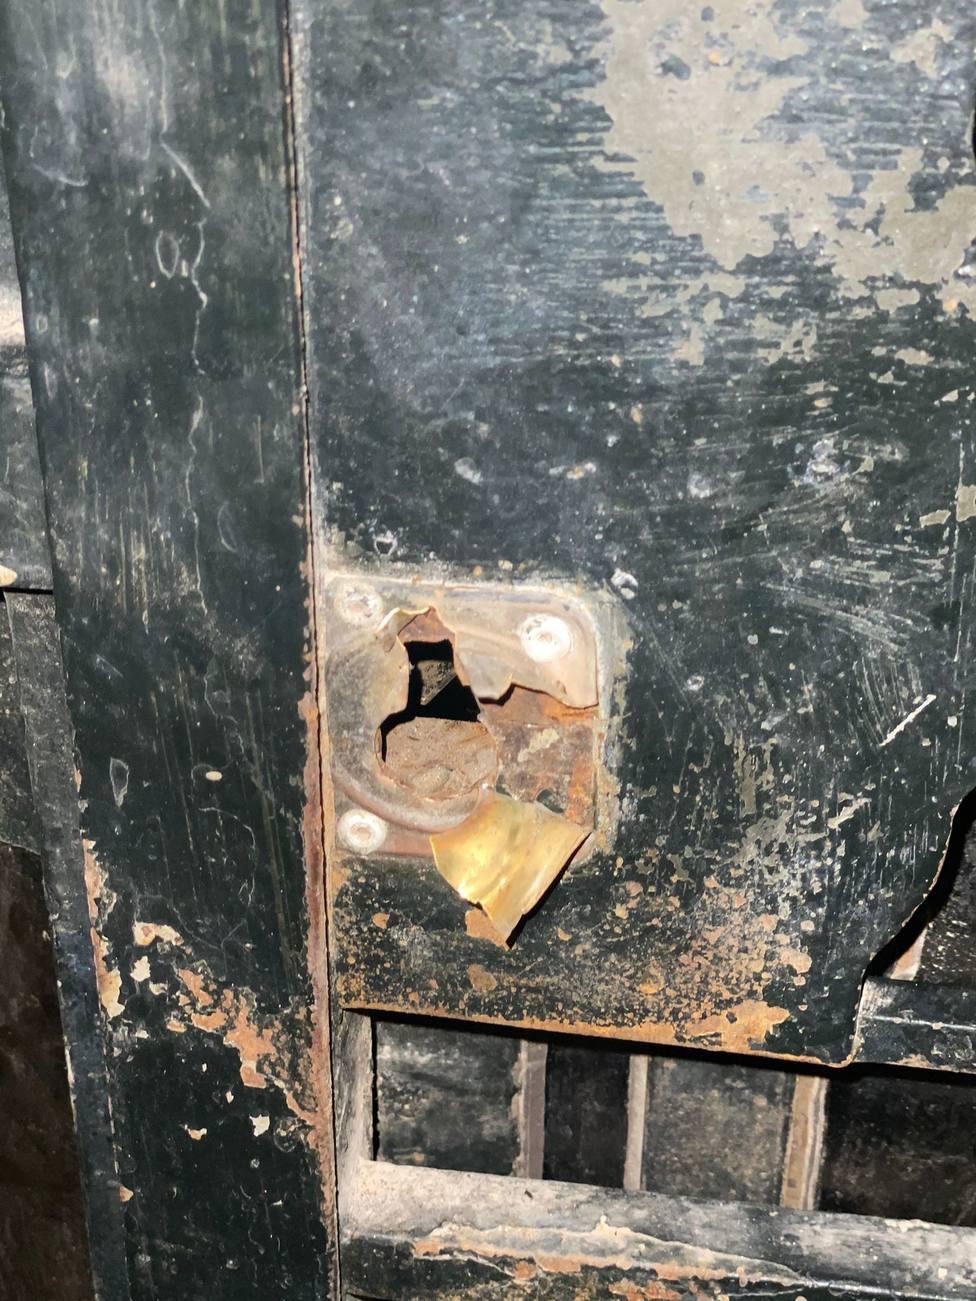 ctv-je3-puerta-forzada-robo-fustrado-16-4-21